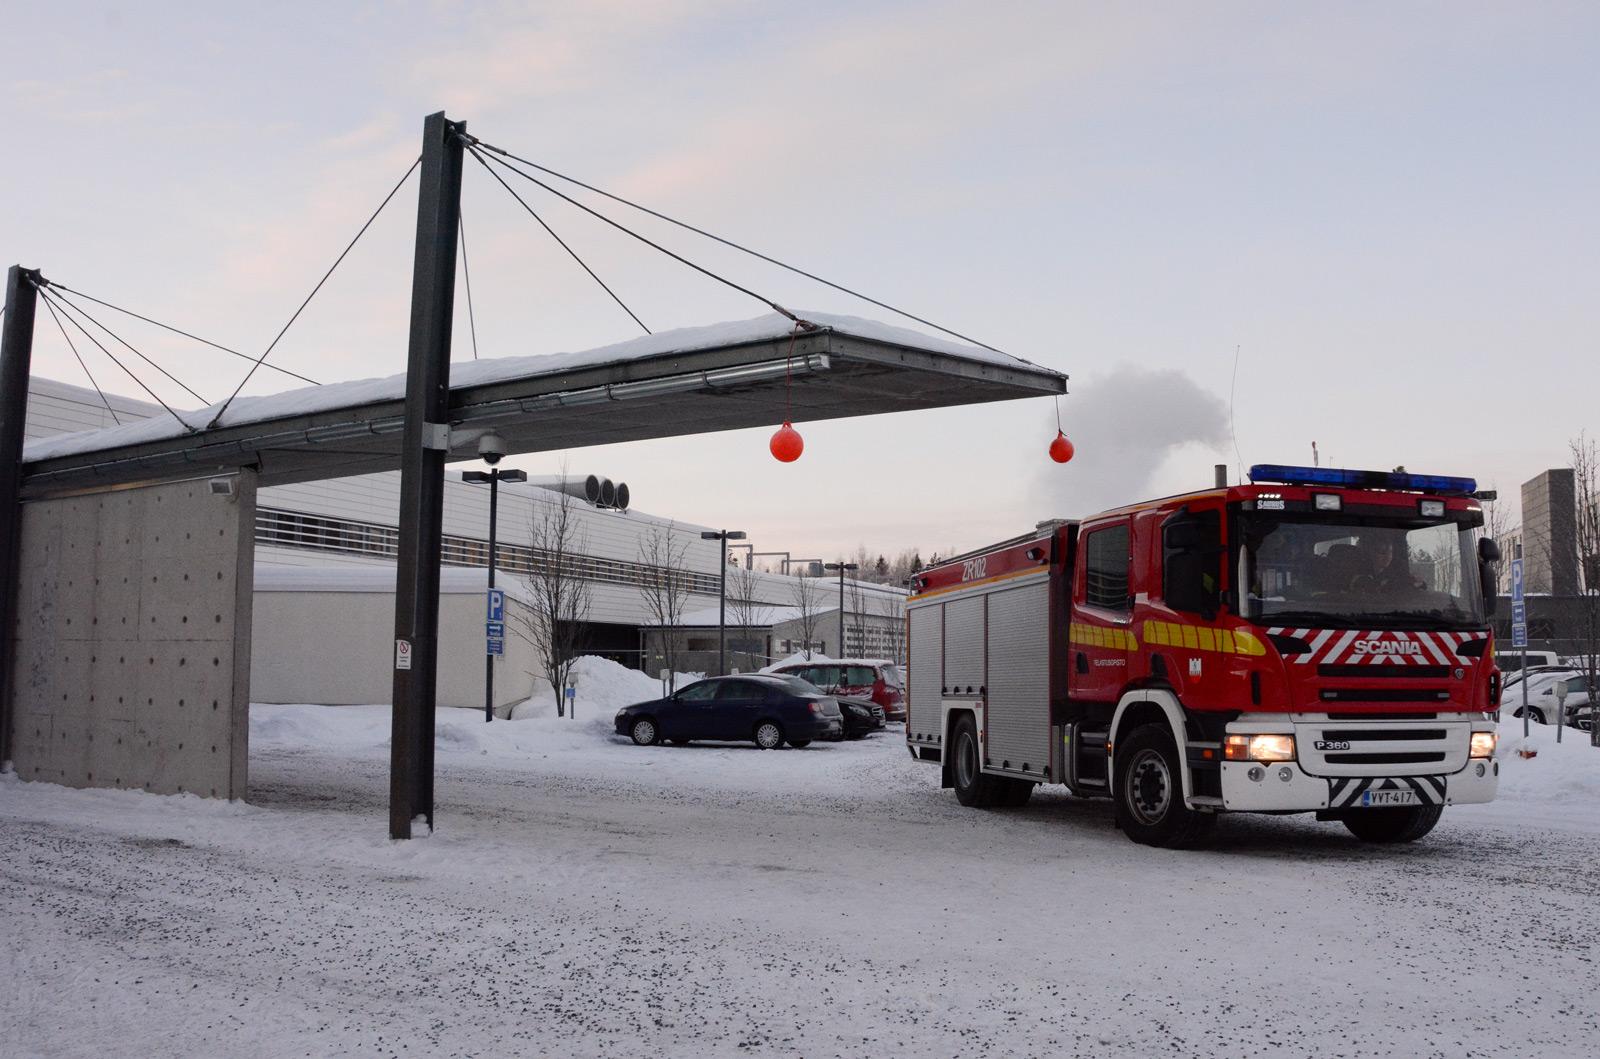 Pelastusopistolle esitetään lisätalousarviossa 2,4 miljoonaa euroa vuosille 2021-22.